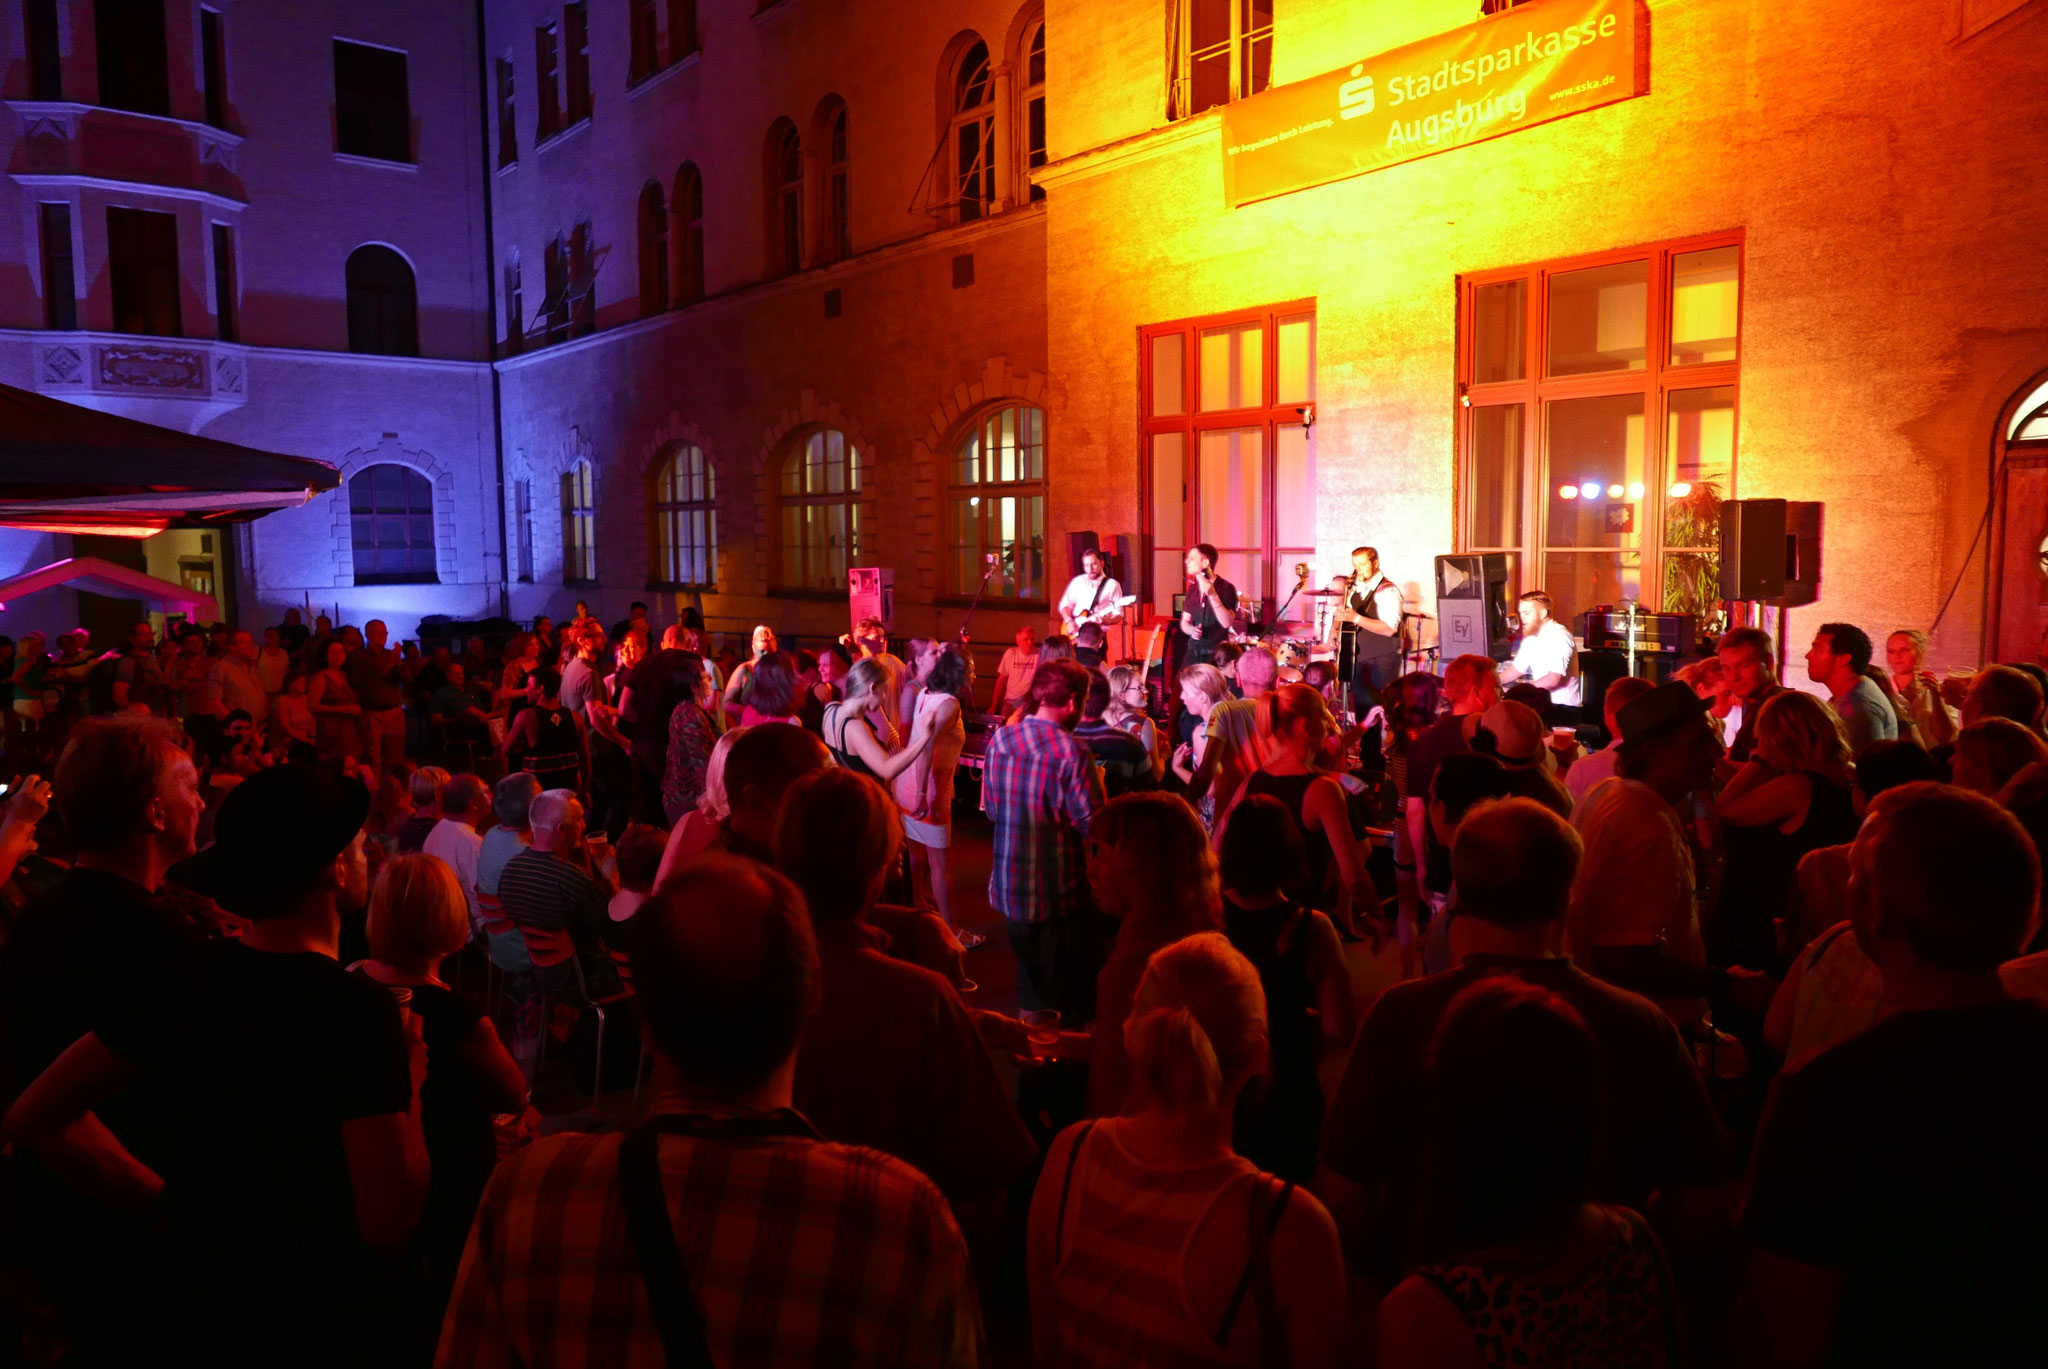 Konzerte im Bürgerhof 02.07.15 The Kickstarters - Freiwilligen-Zentrum Augsburg - Foto: Christoph Urban